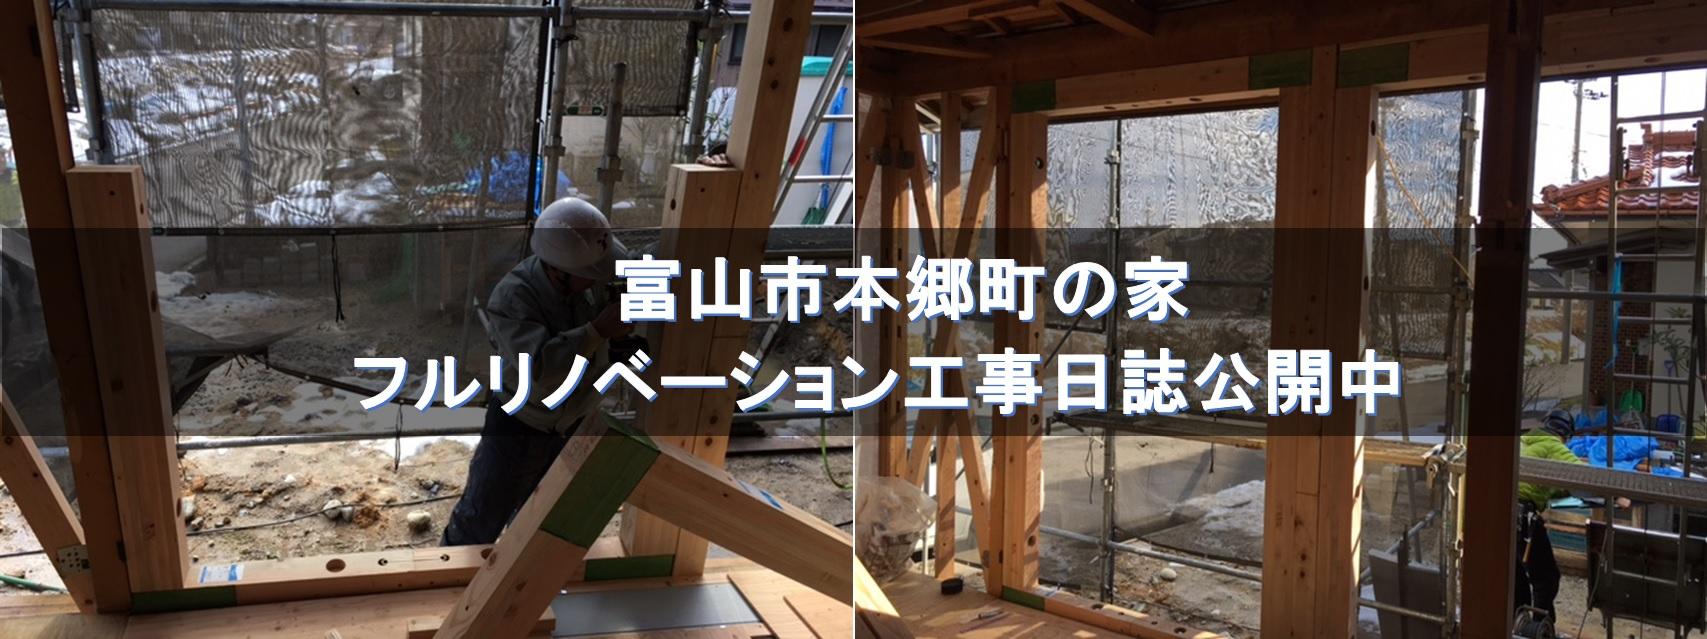 本郷町の家 フルリノベーション工事日誌